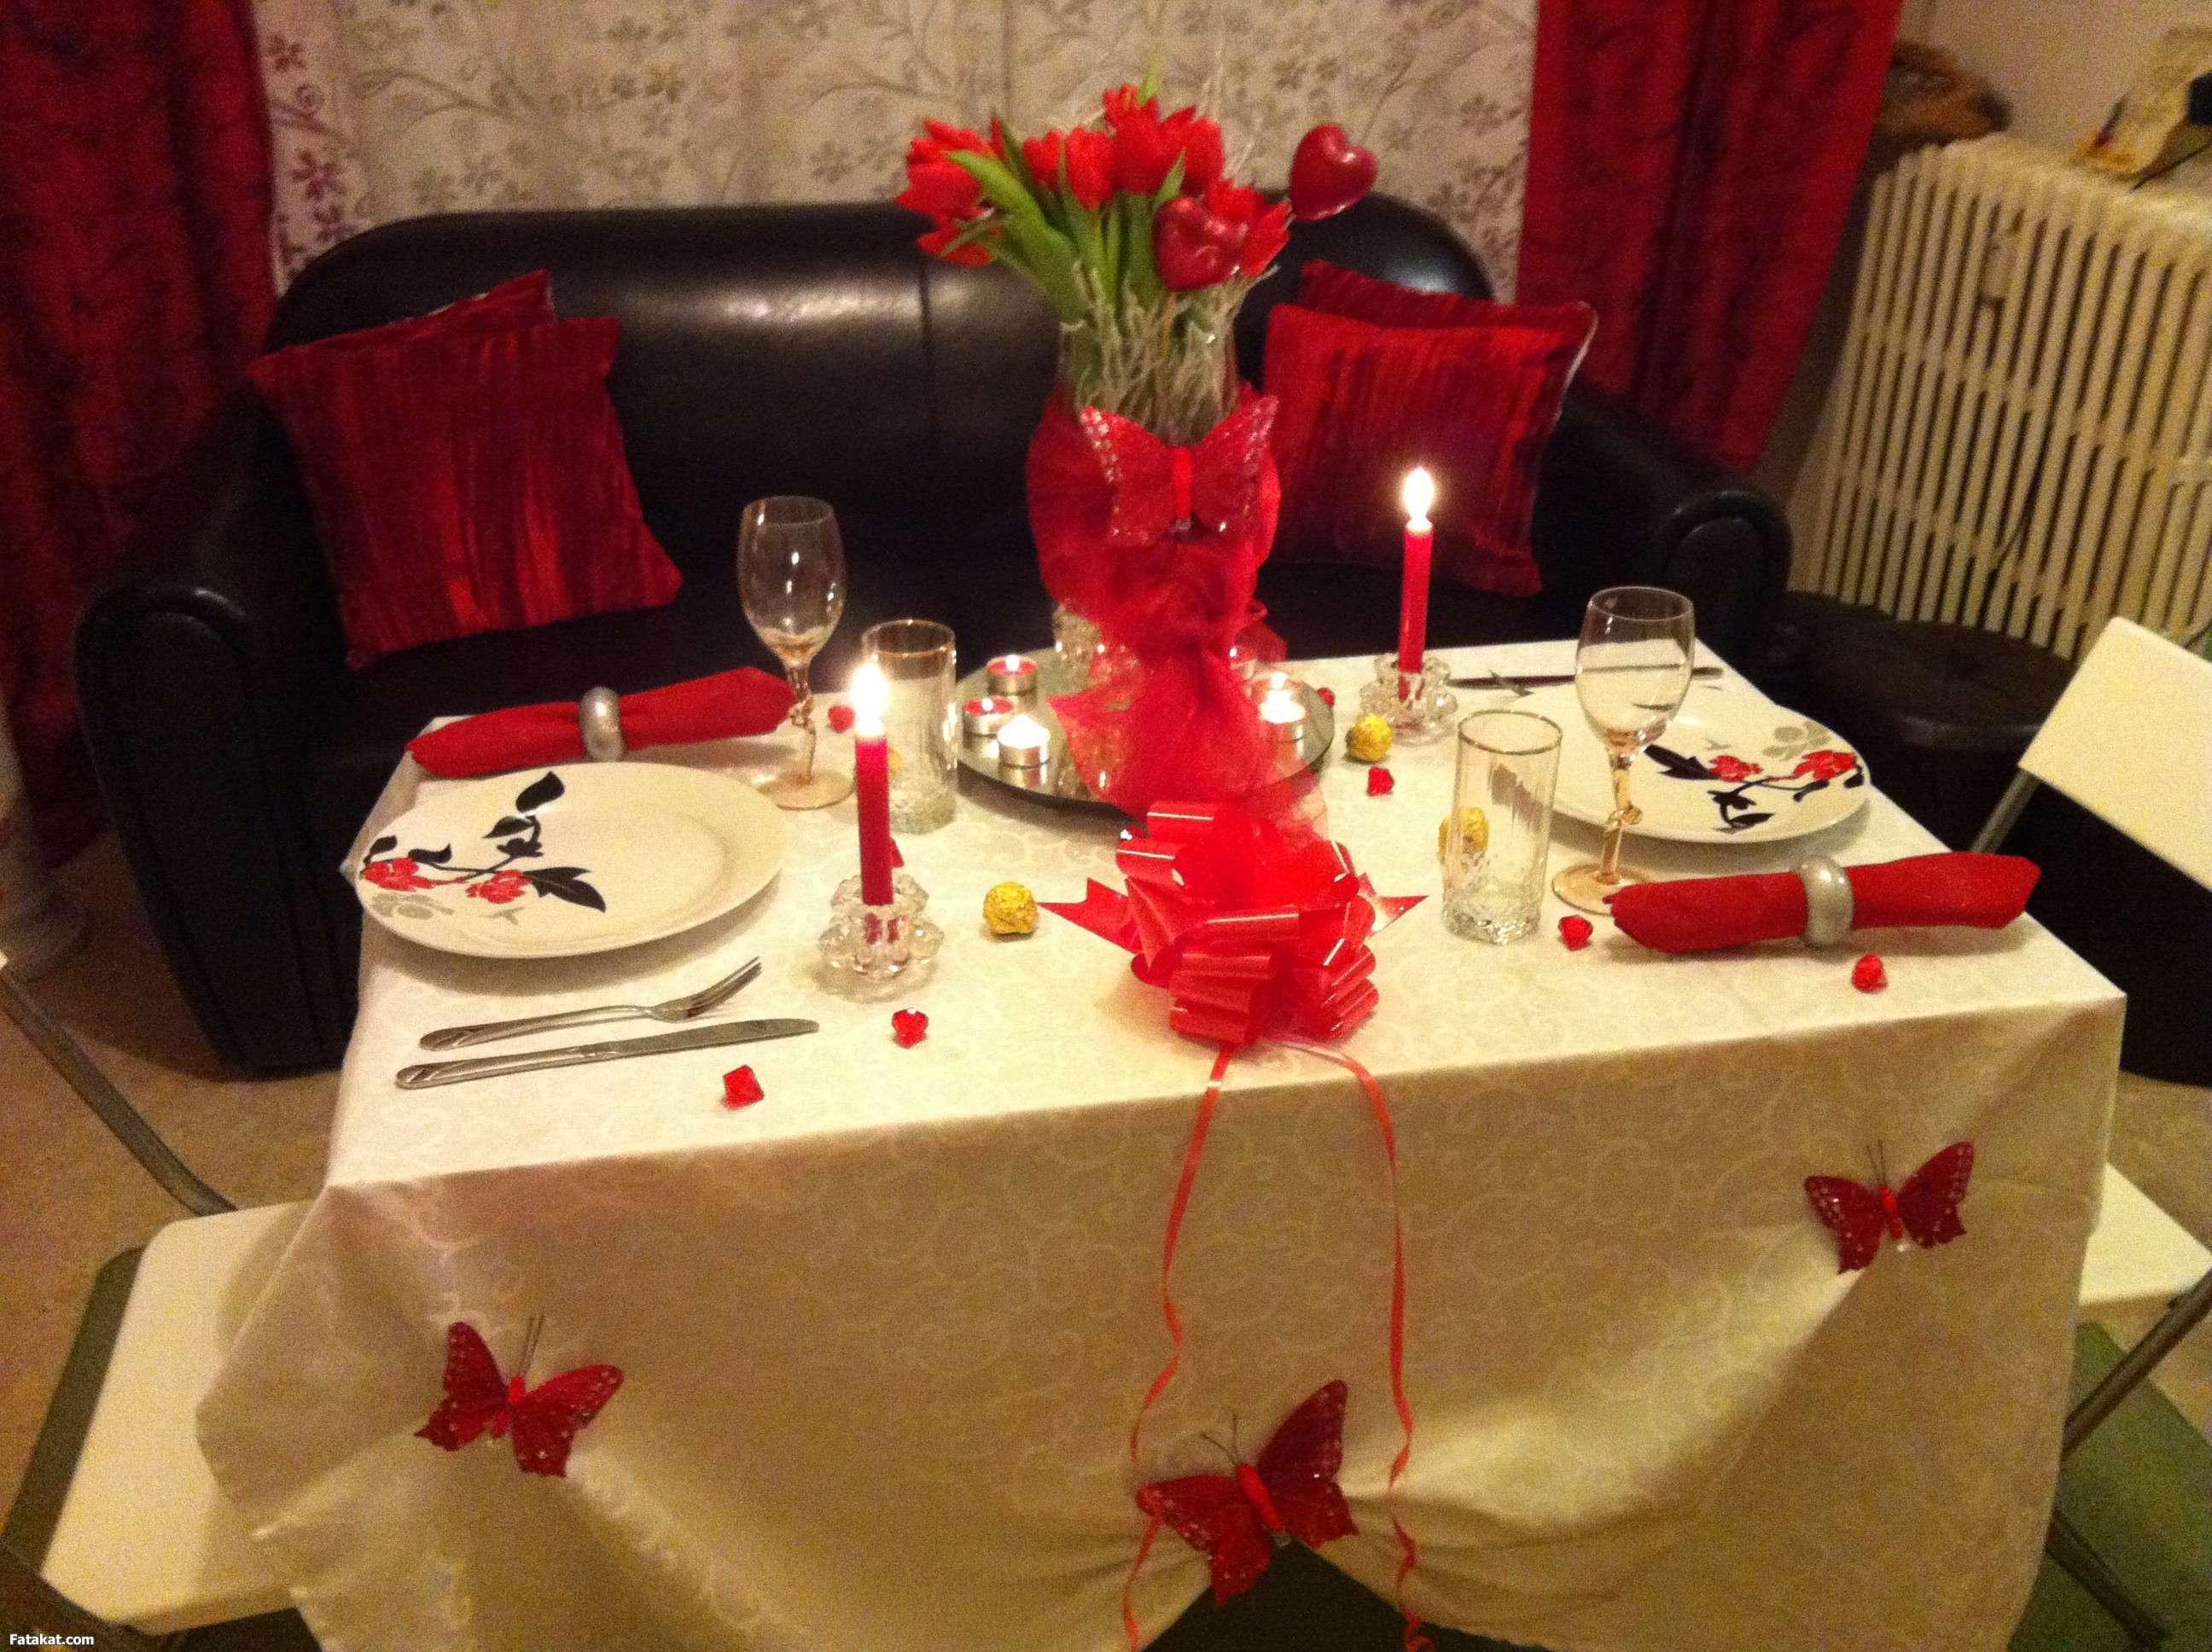 بالصور افكار لعشاء رومانسي , افكار بسيطه لعشاء رومانسي مع الحبيب 455 4